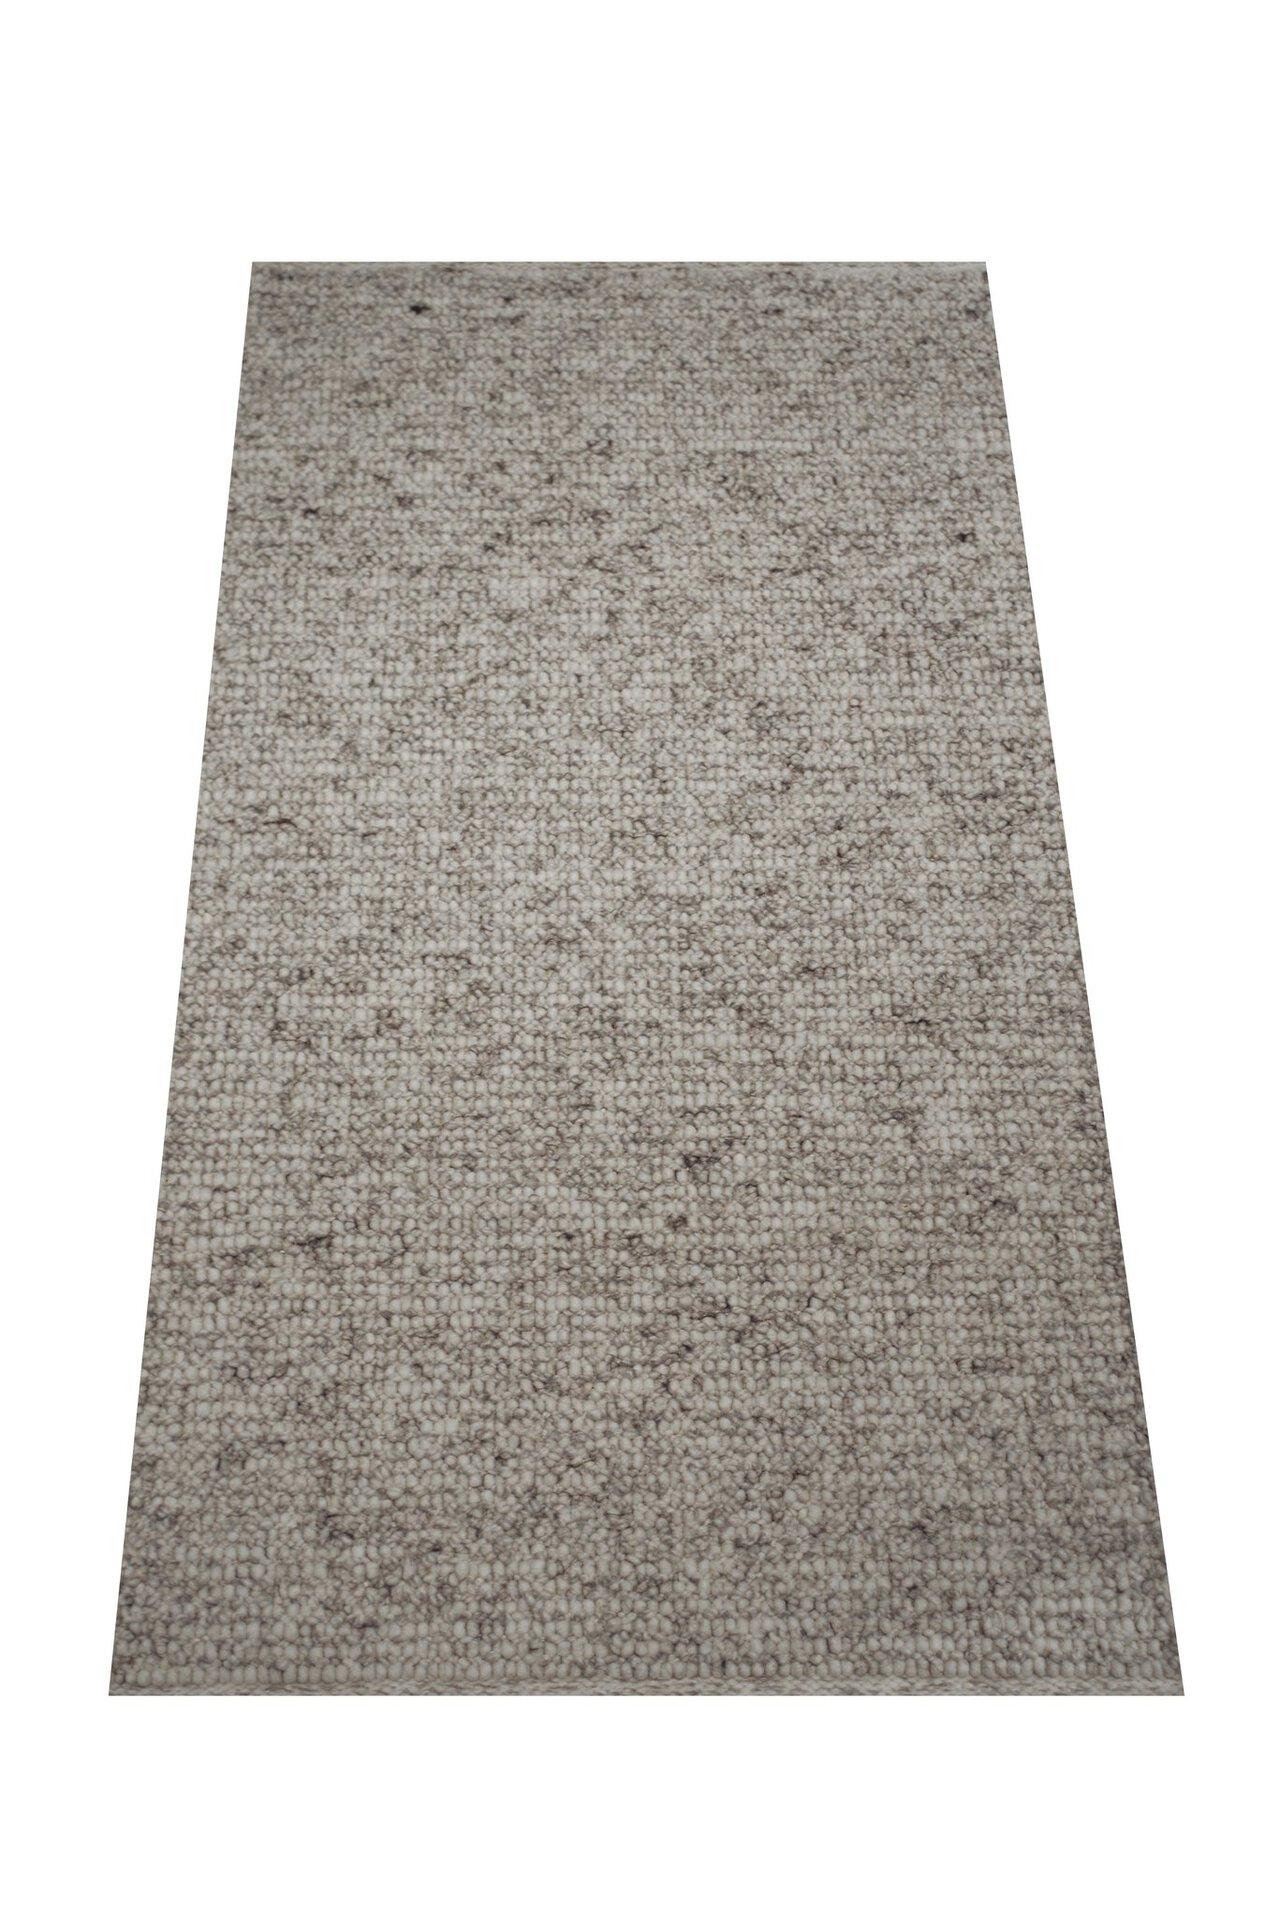 Handwebteppich Weitblick Polaris Allgäuer Teppichmanufaktur Textil grau